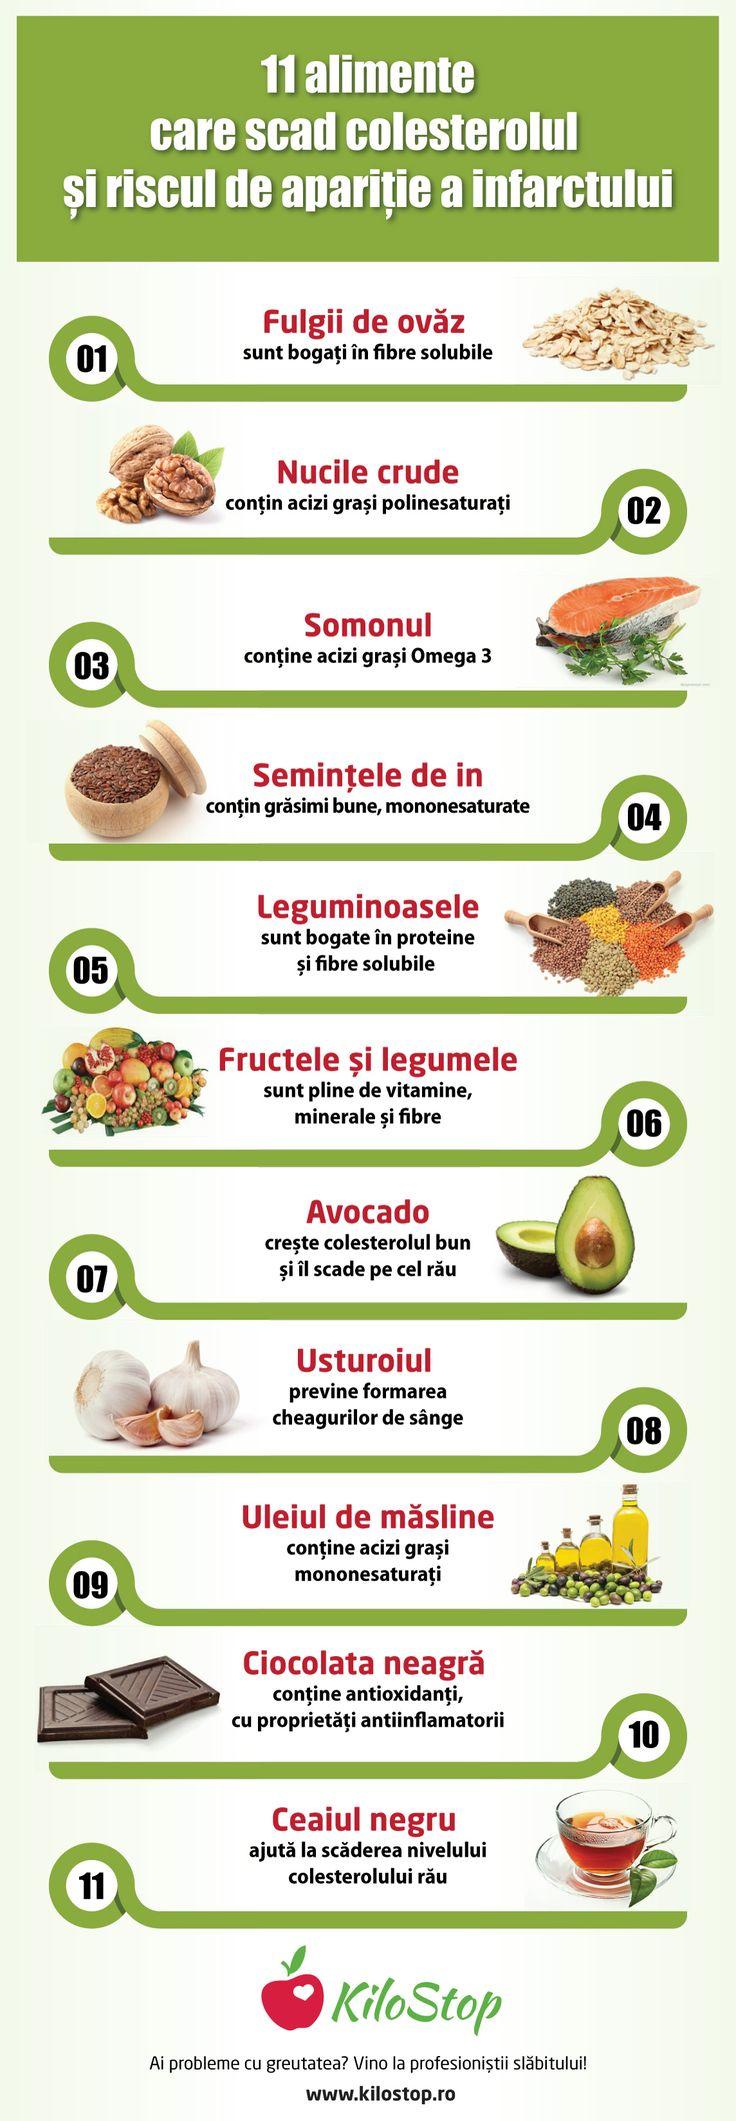 Ţine-ţi colesterolul sub control cu aceste 11 alimente! #colesterol #dieta